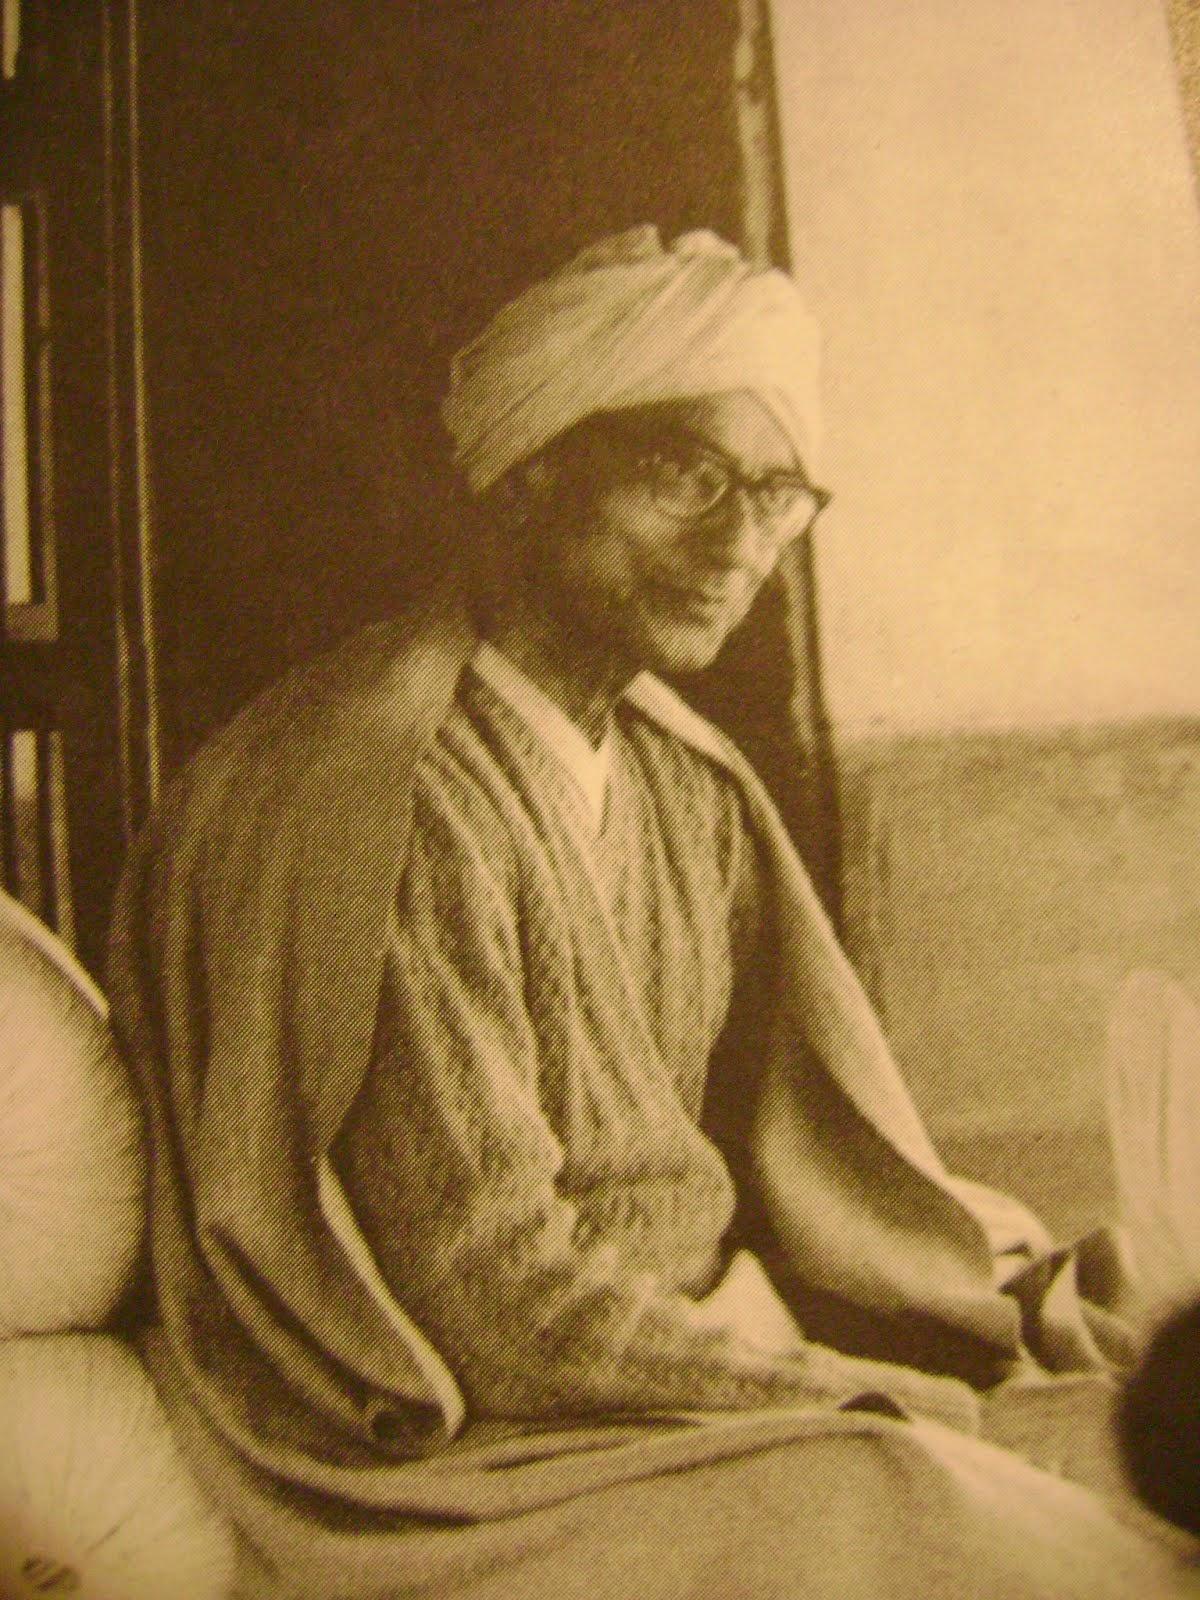 Swami Prajnanpad